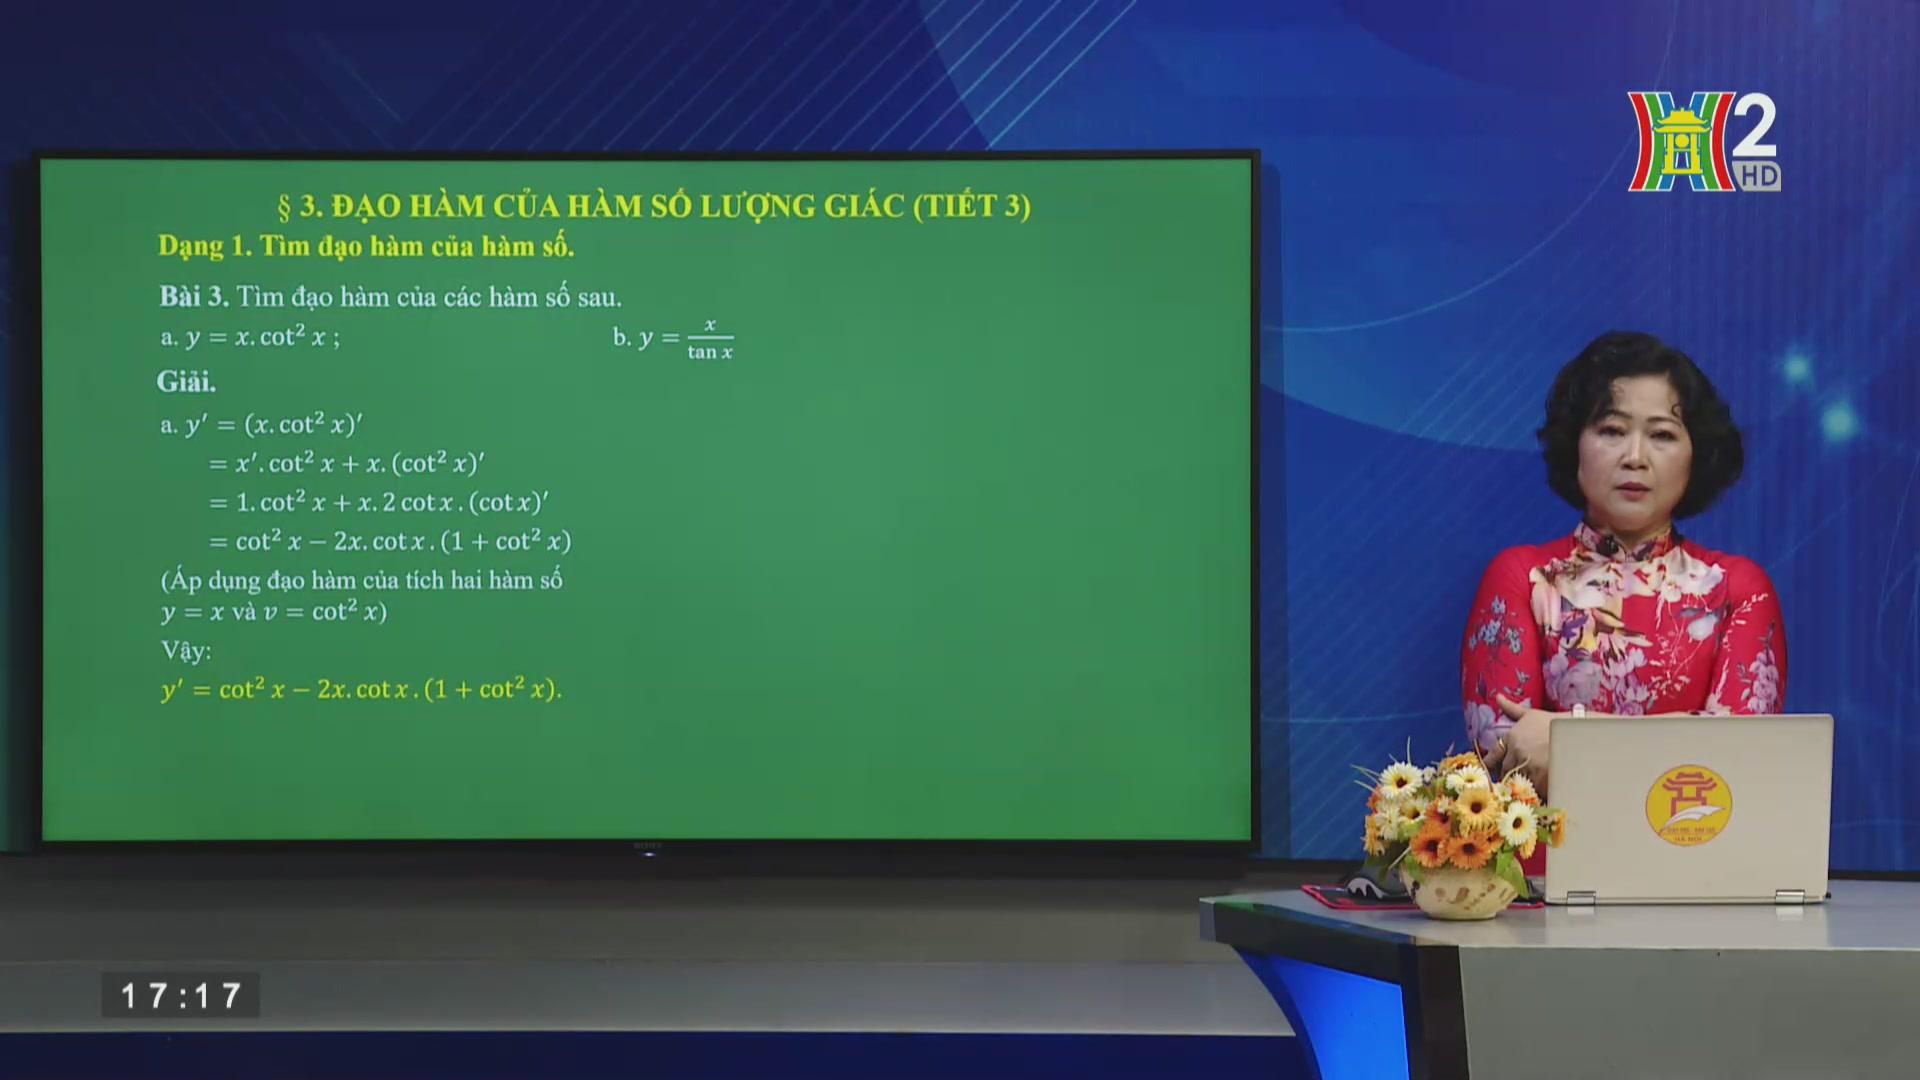 Bài 3: Đạo hàm của hàm số lượng giác (Tiết 3)